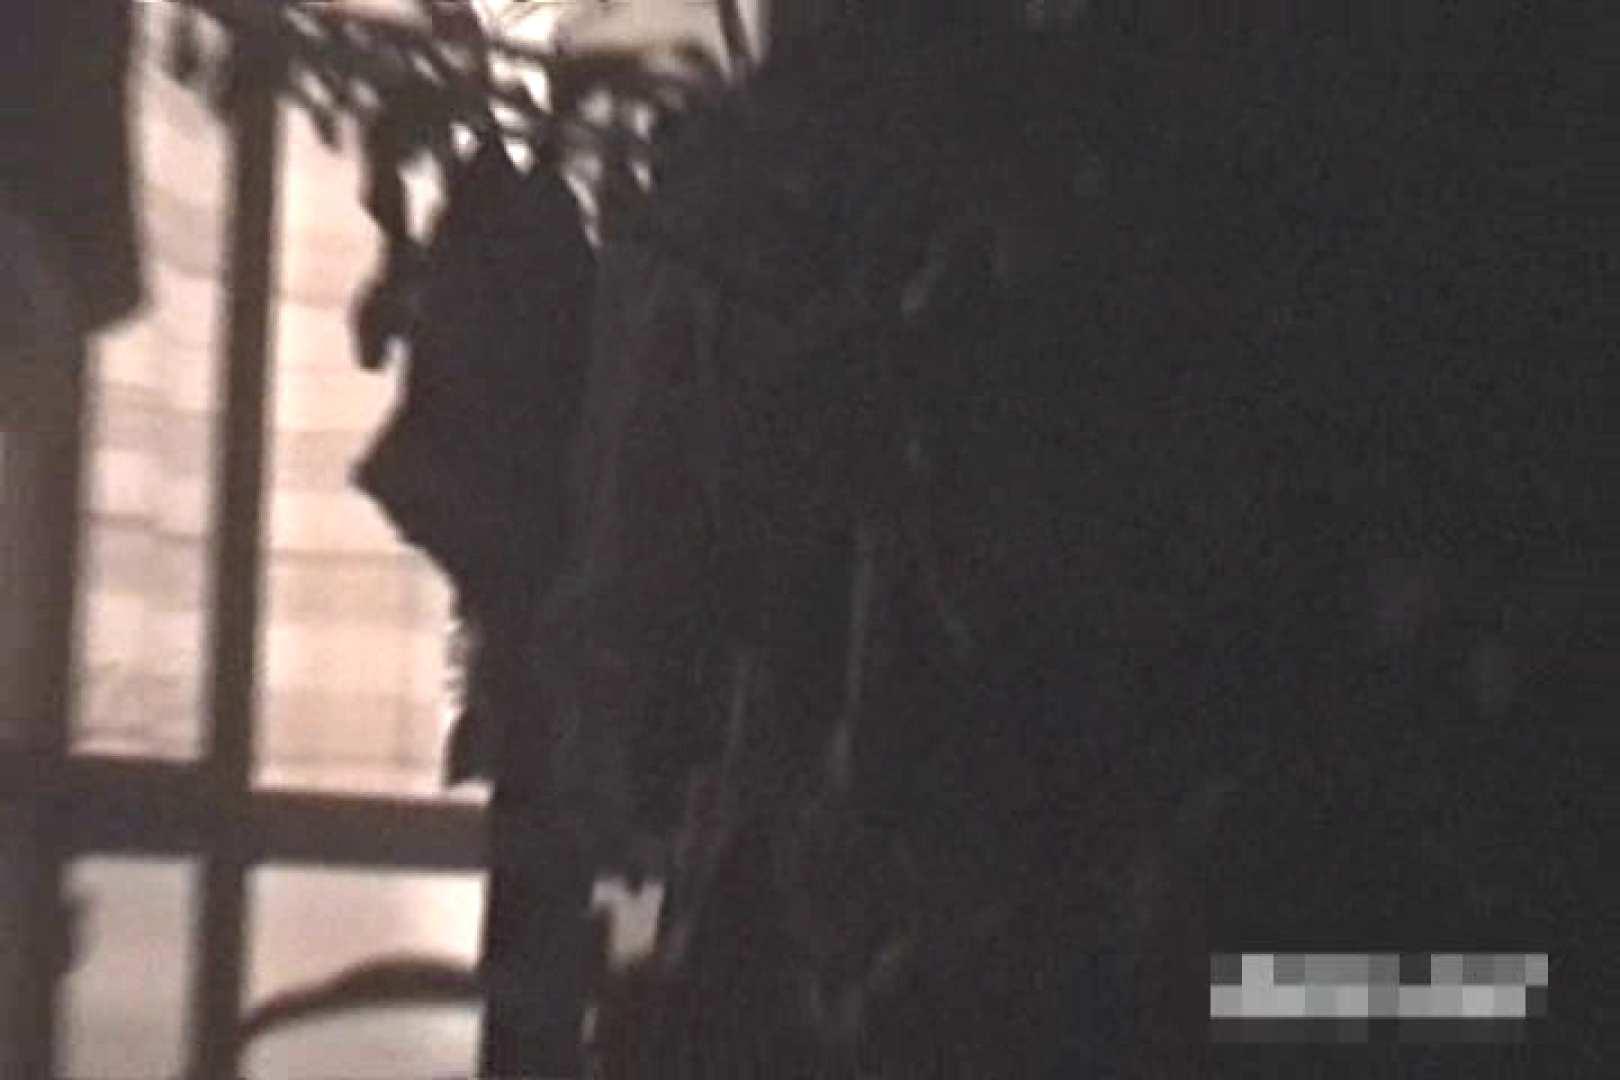 深夜の撮影会Vol.2 OLセックス   民家エロ投稿  52画像 11